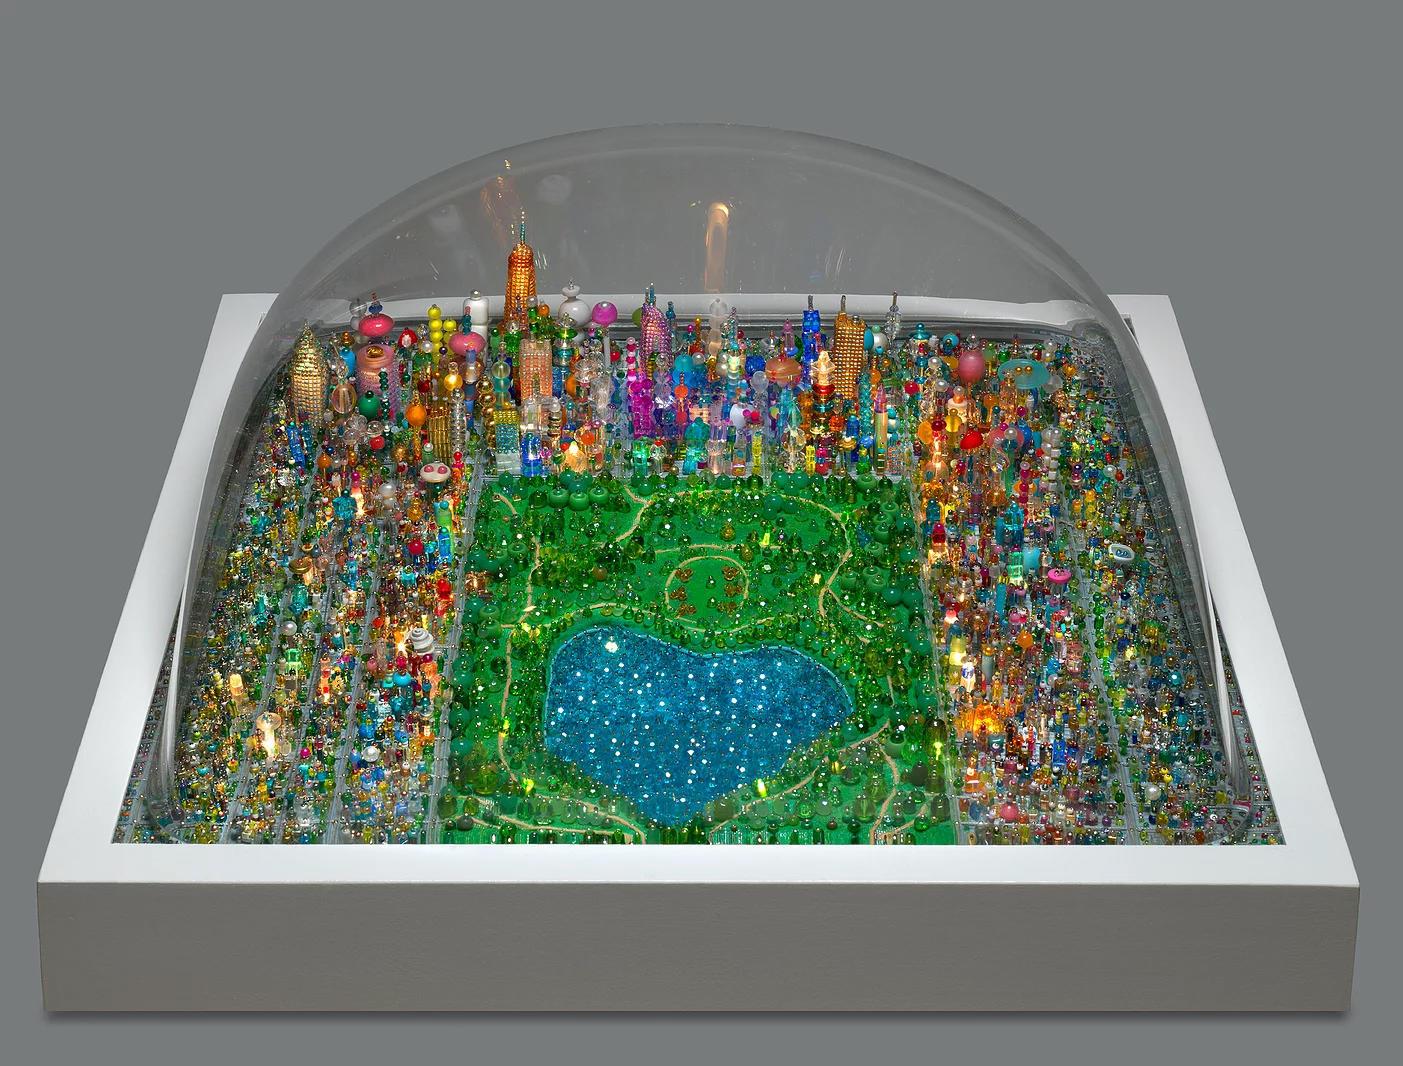 A sparkling diorama of Central Park.